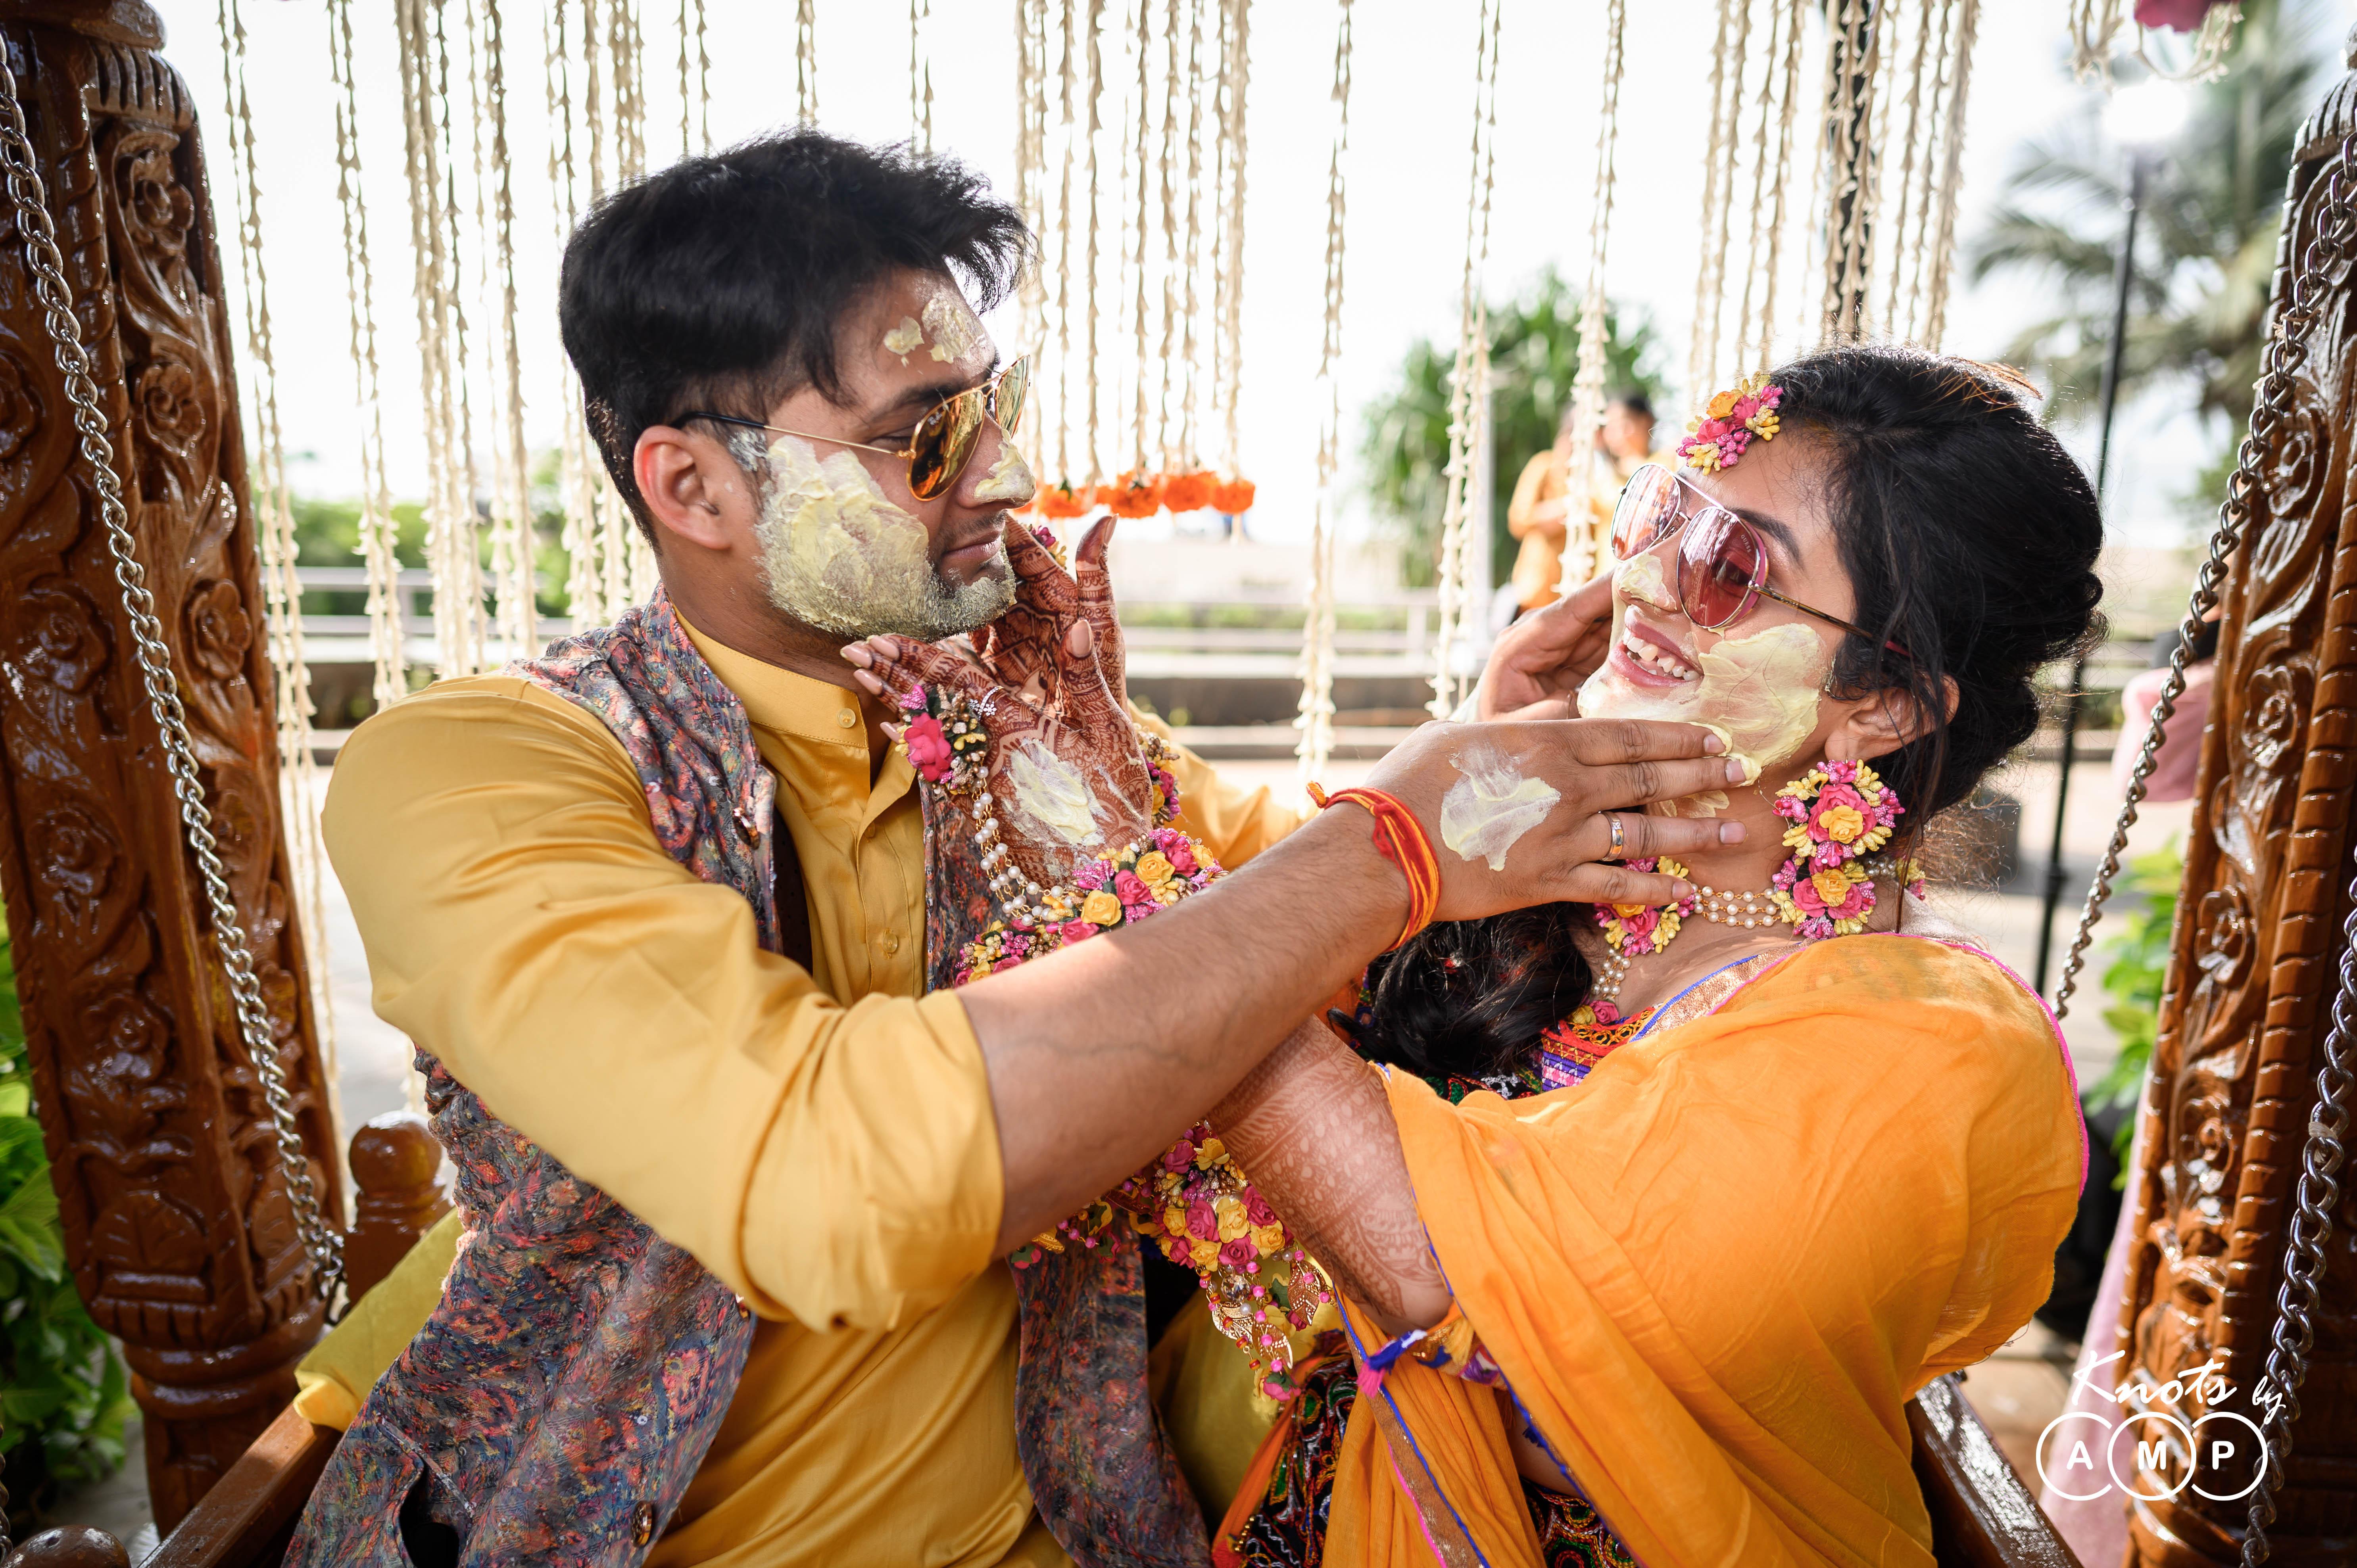 bride inorange lehenga with pom poms